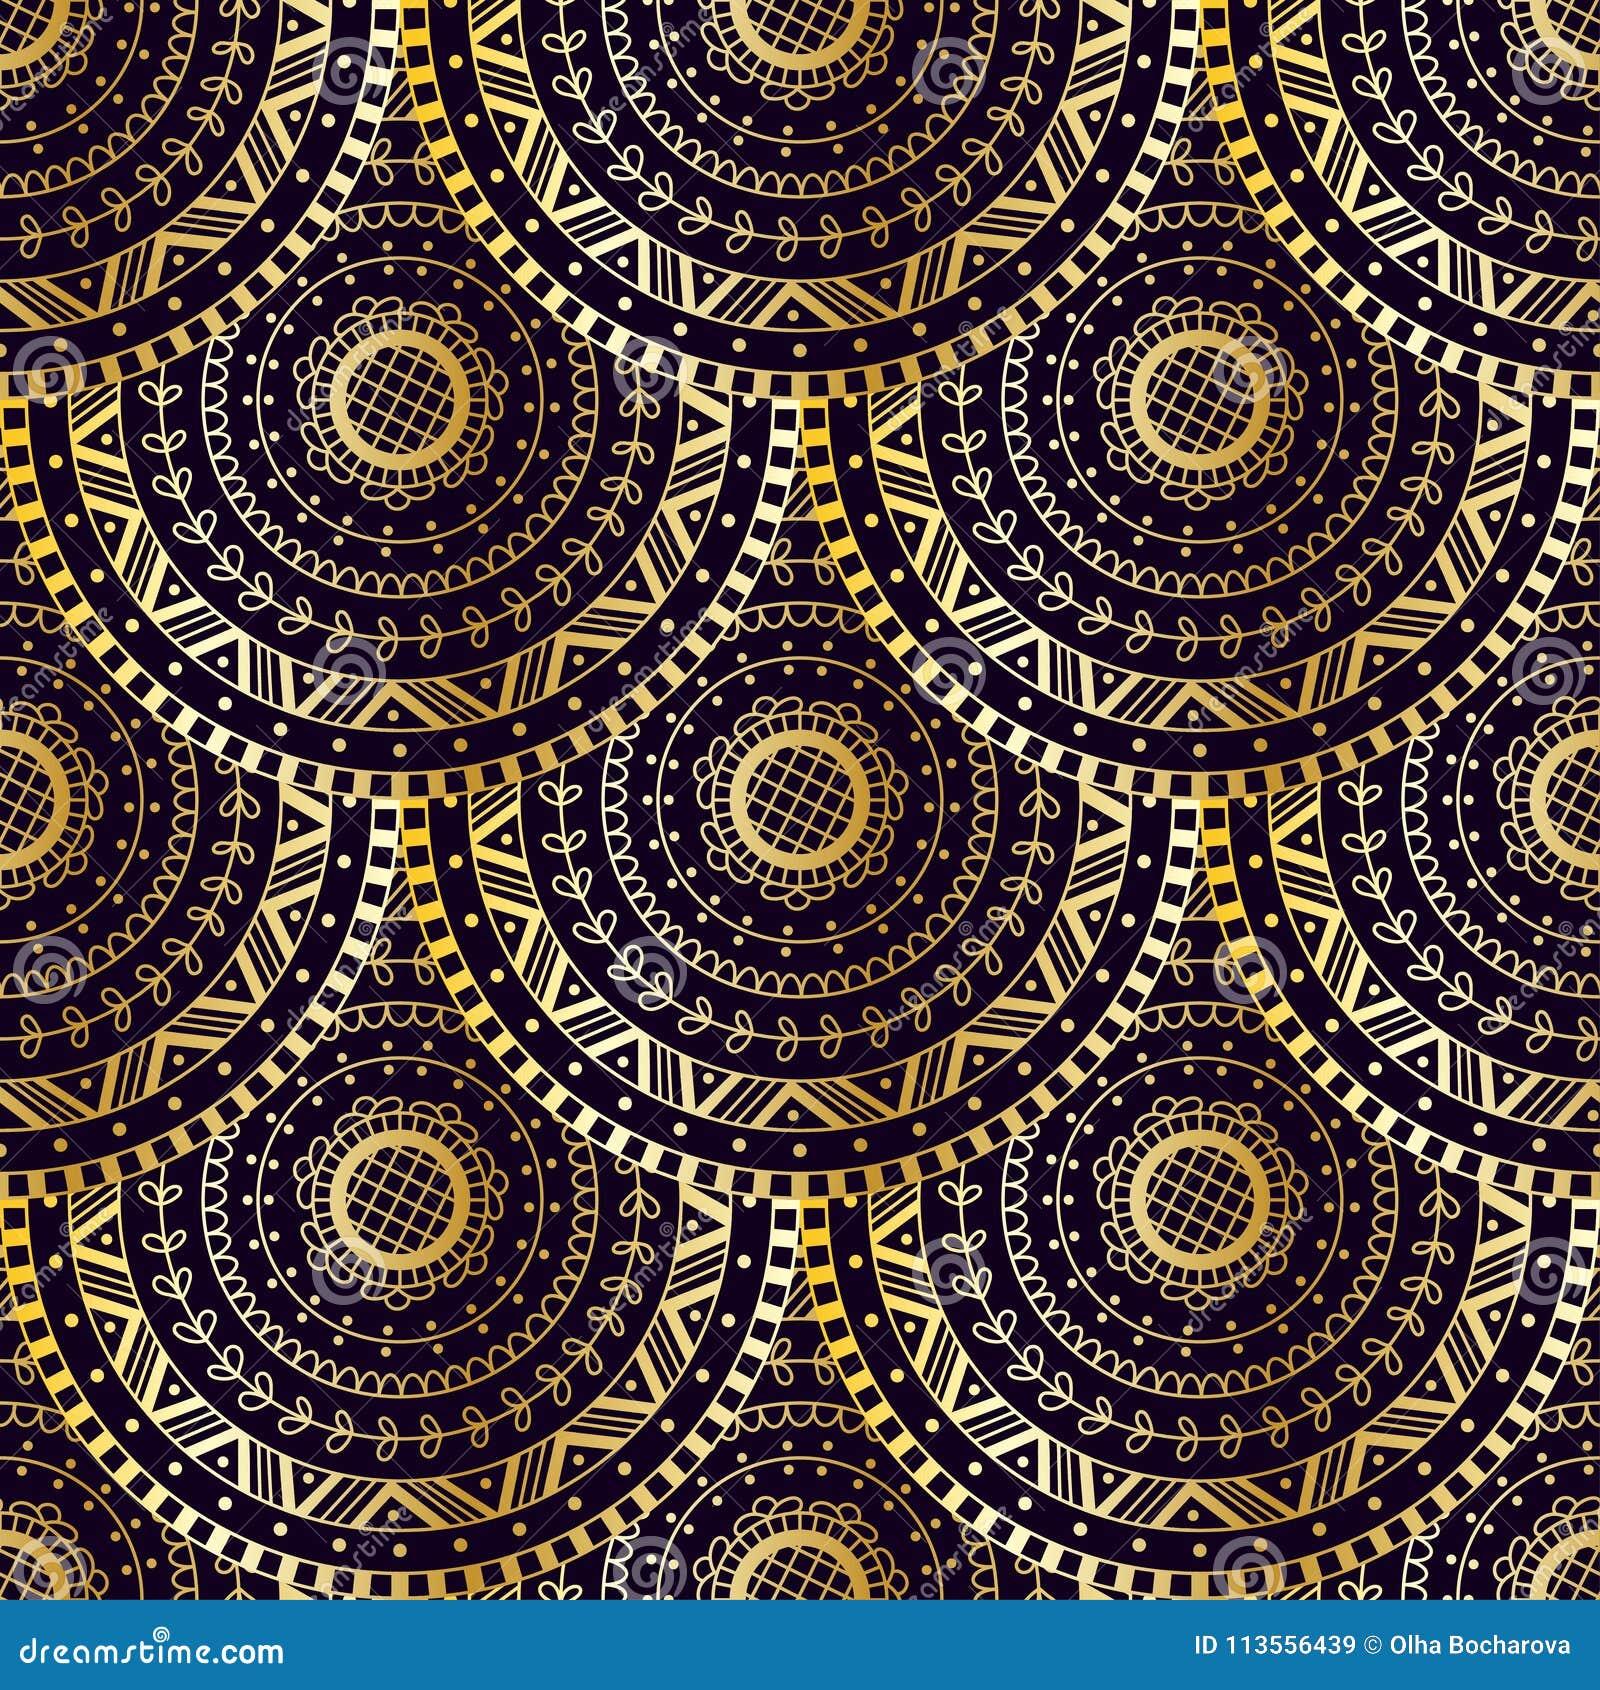 För sjöjungfrusvans för vektor guld- textur Det seamless fiskfjäll mönstrar